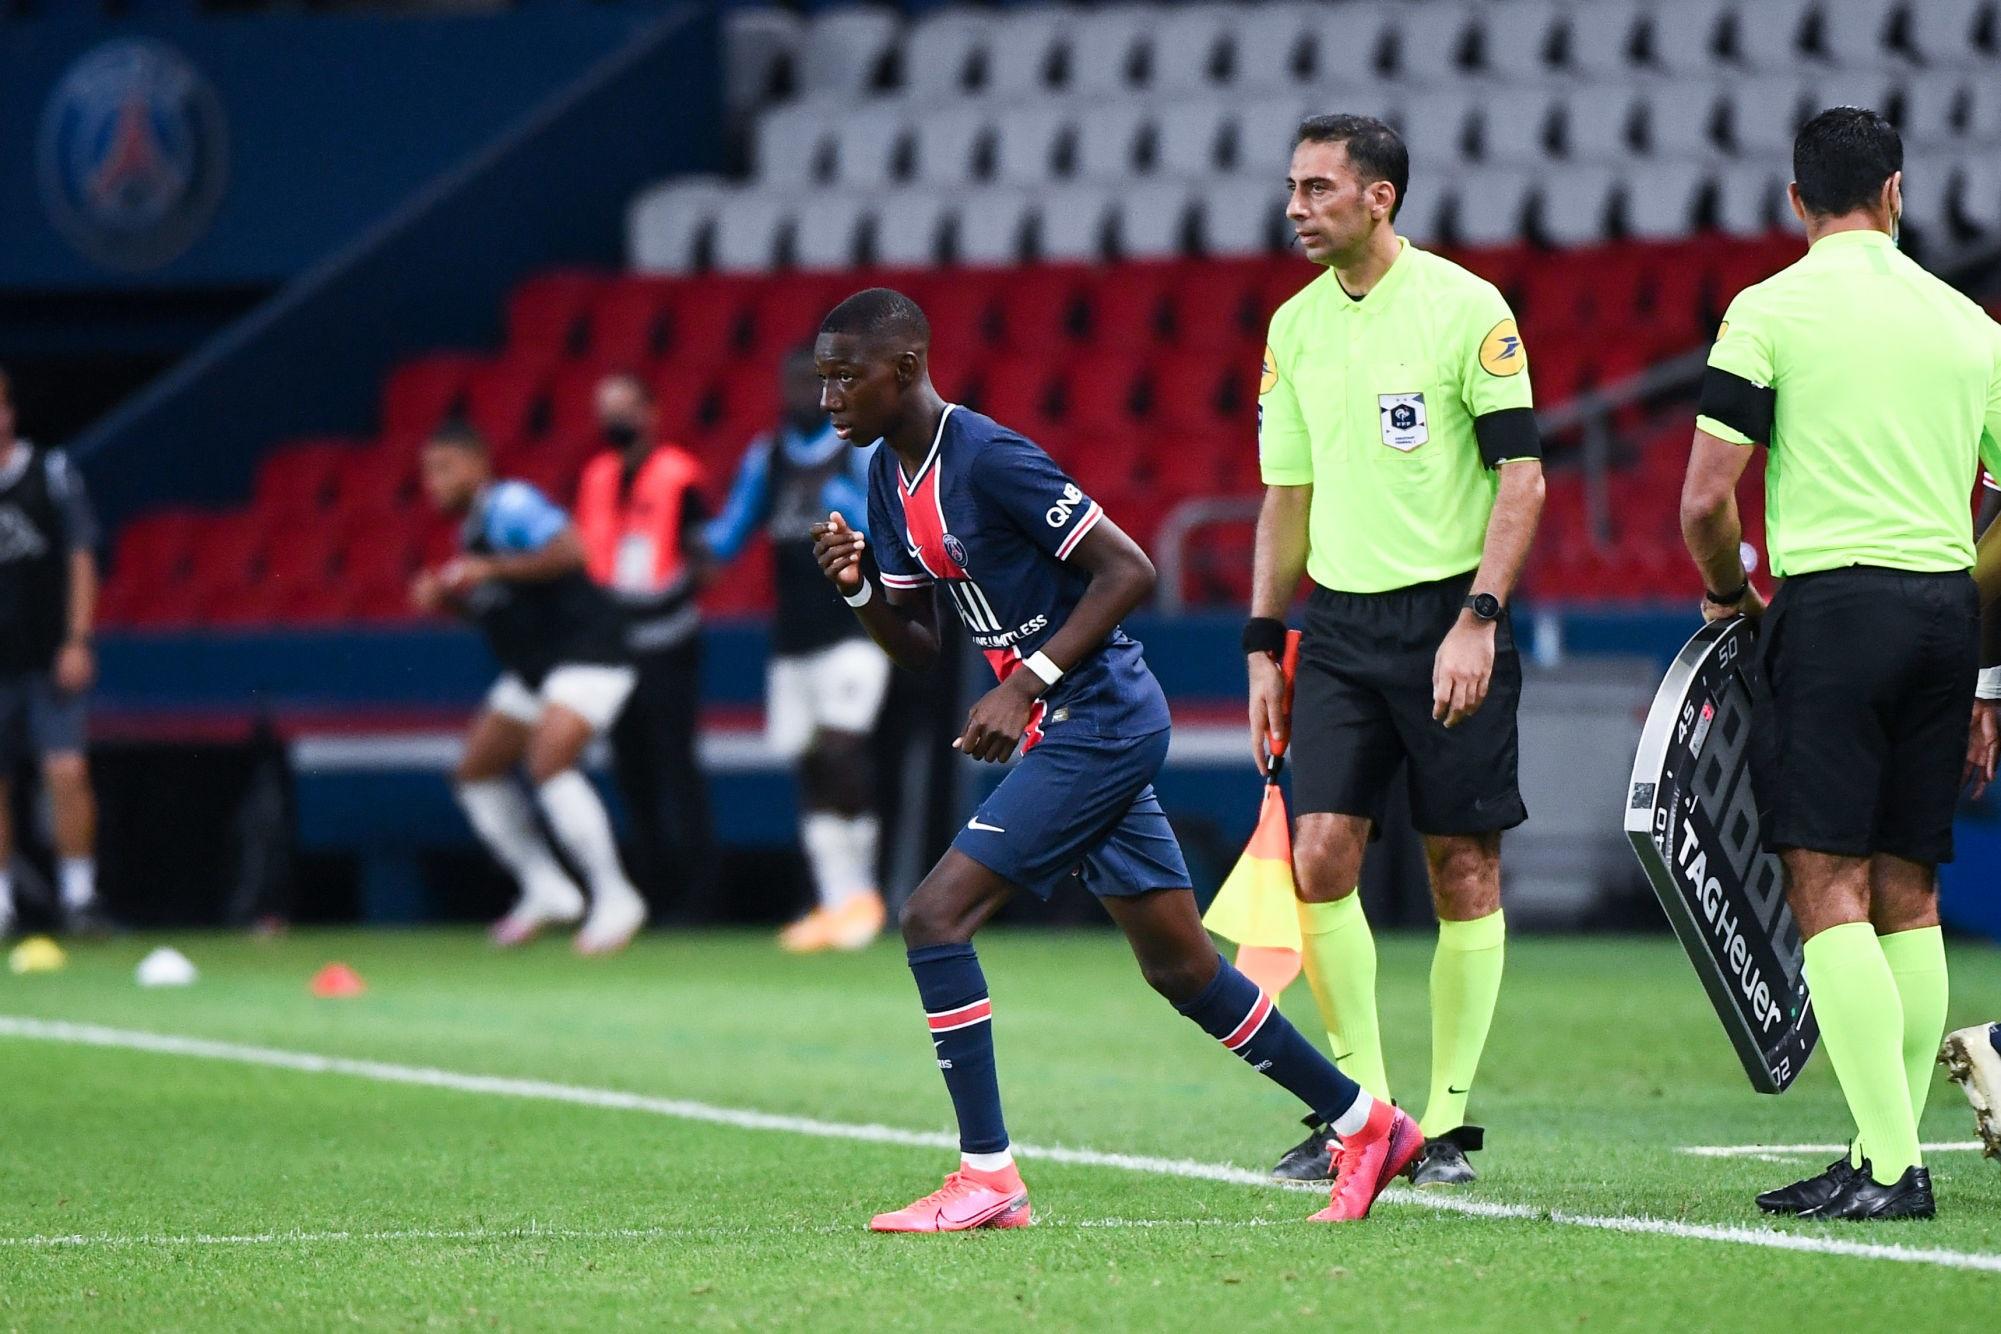 Officiel - Fadiga prêté par le PSG à Brest avec une option d'achat